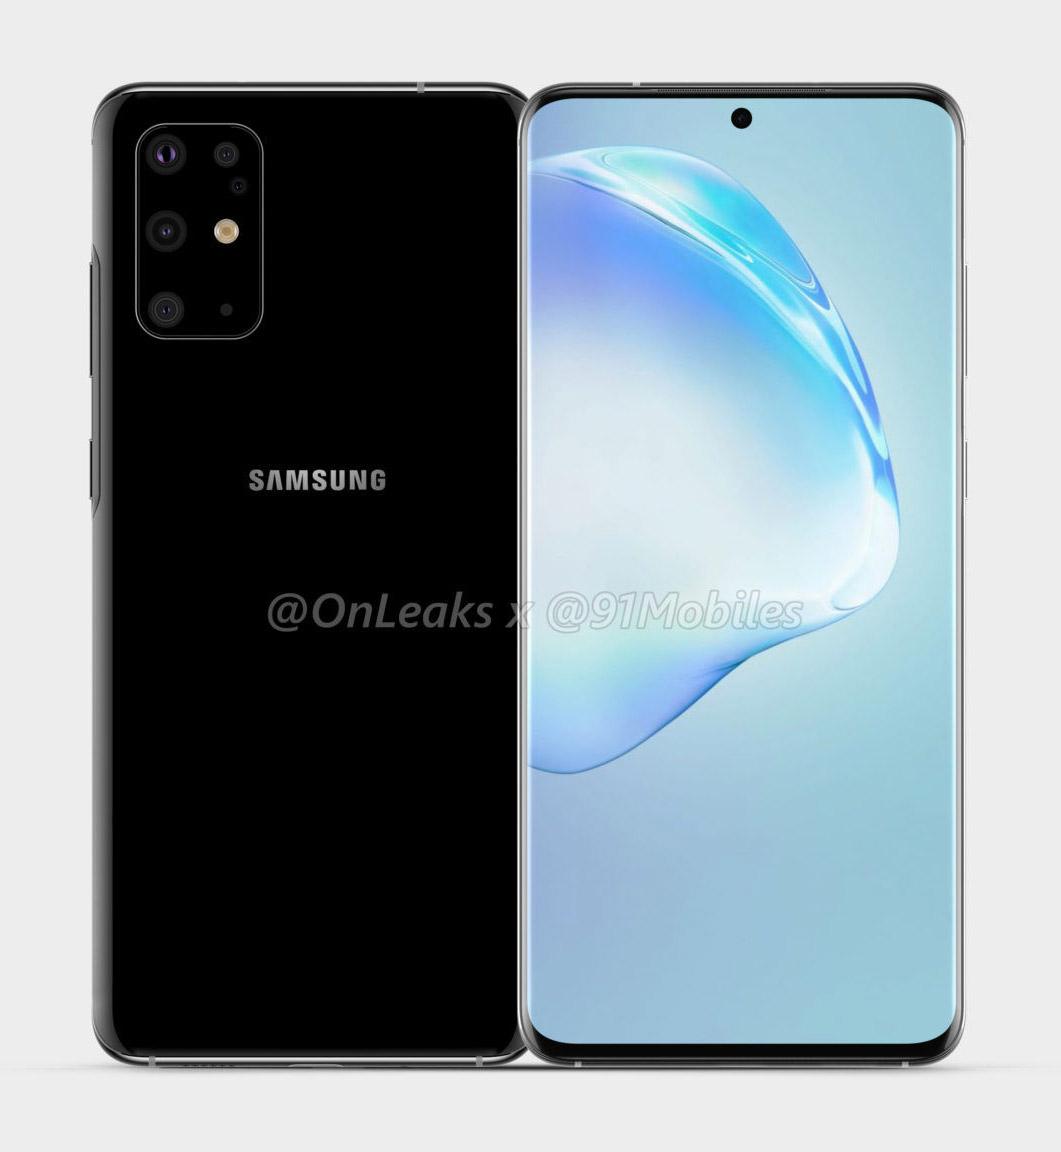 Samsung Galaxy S11 Render Leak